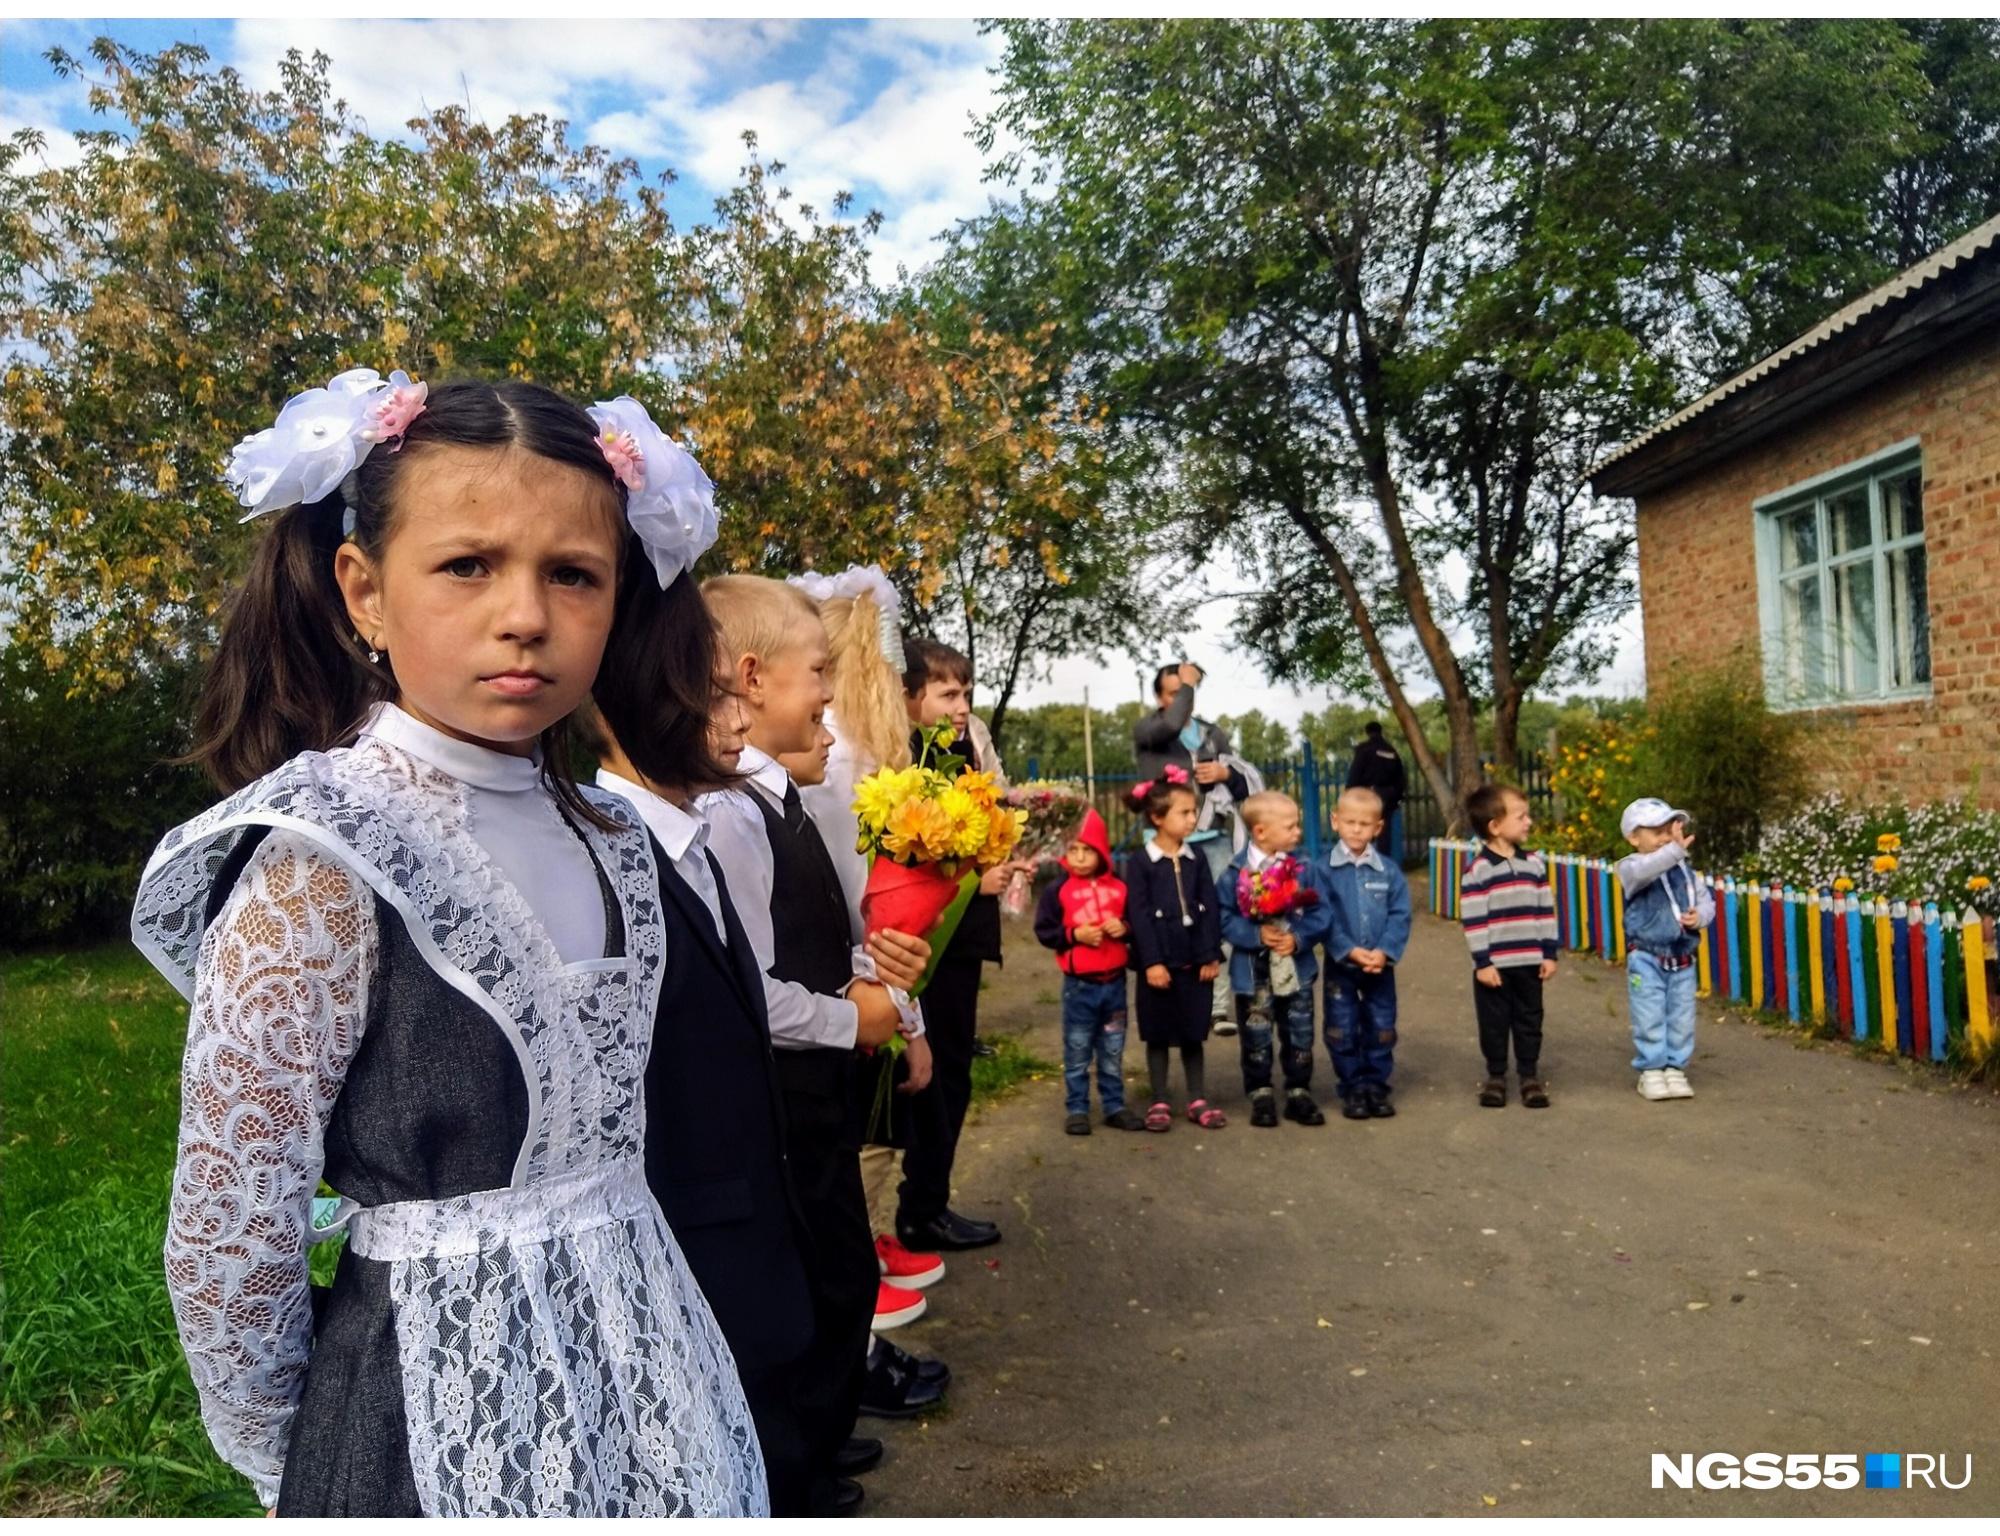 Вы не поверите, но на этой фотографии запечатлена вся школа